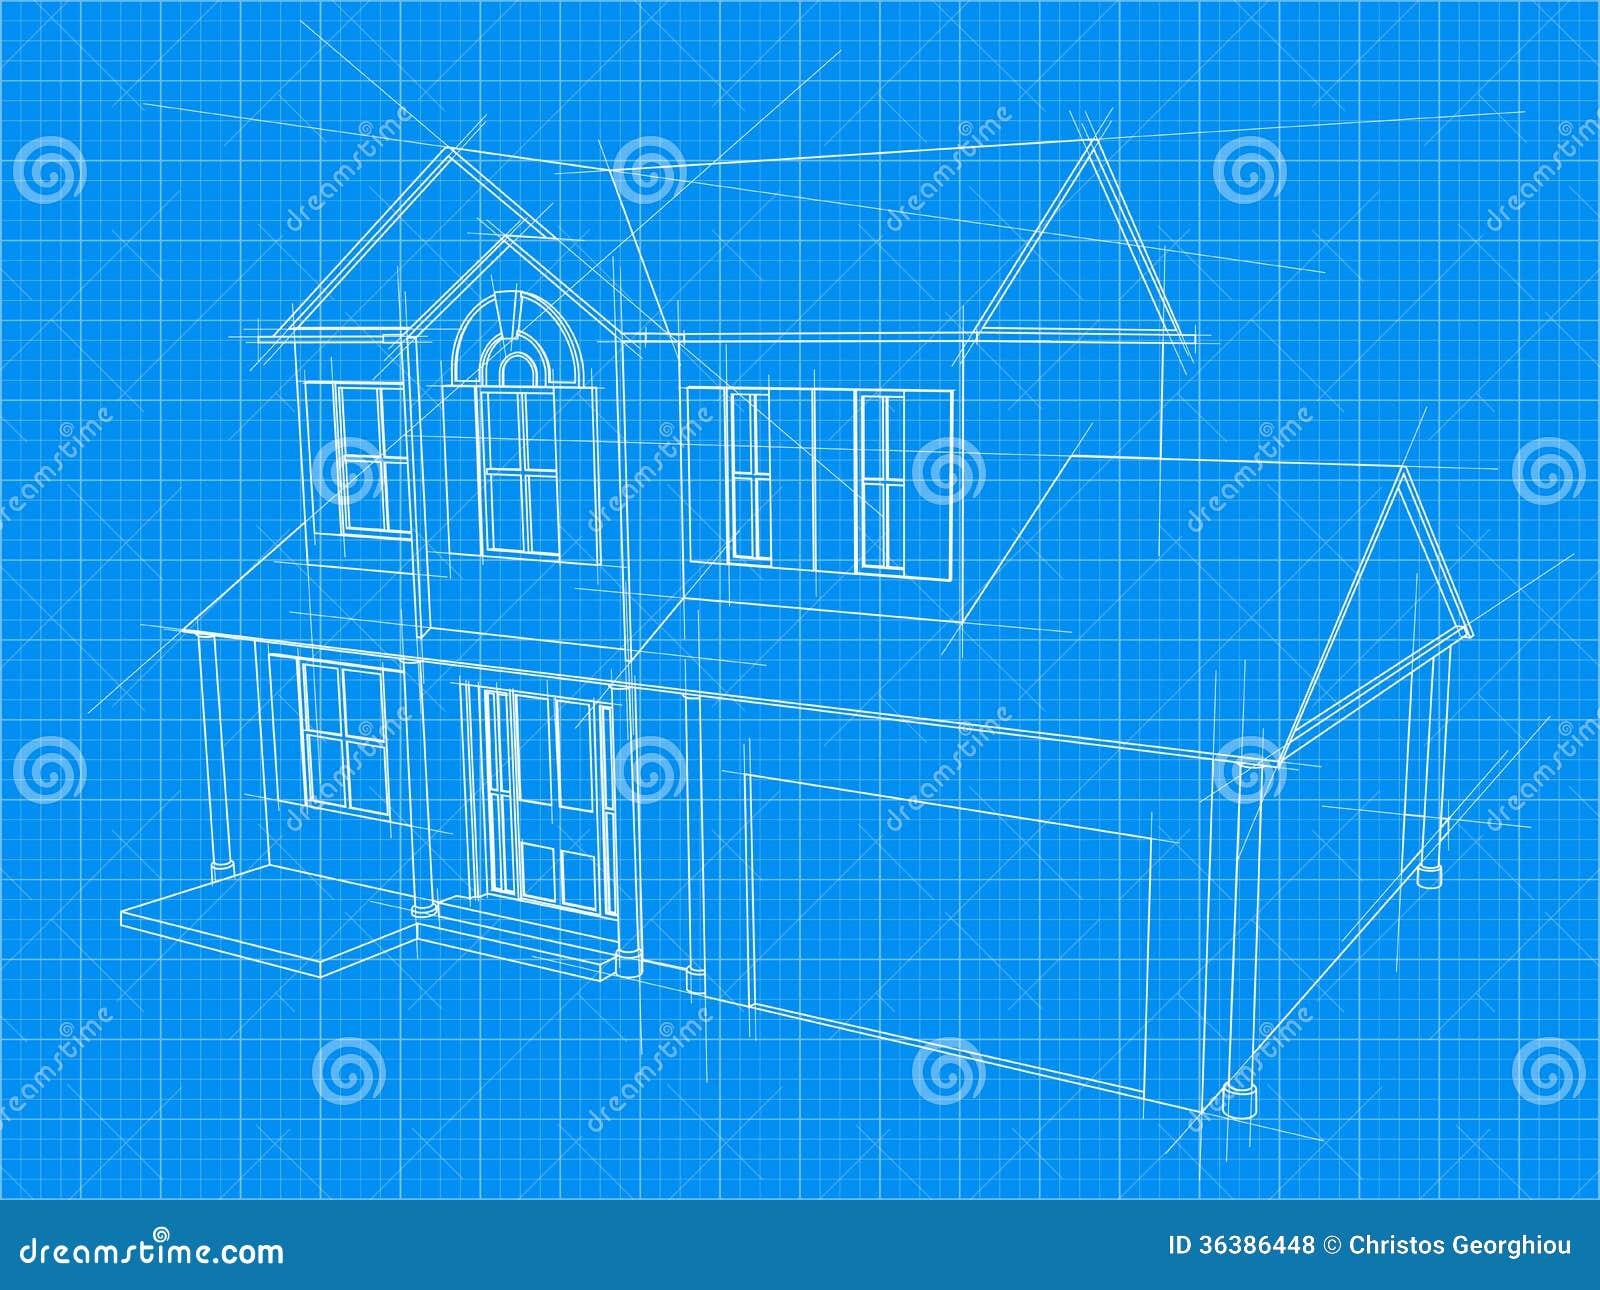 Home Construction Home Construction Blueprints